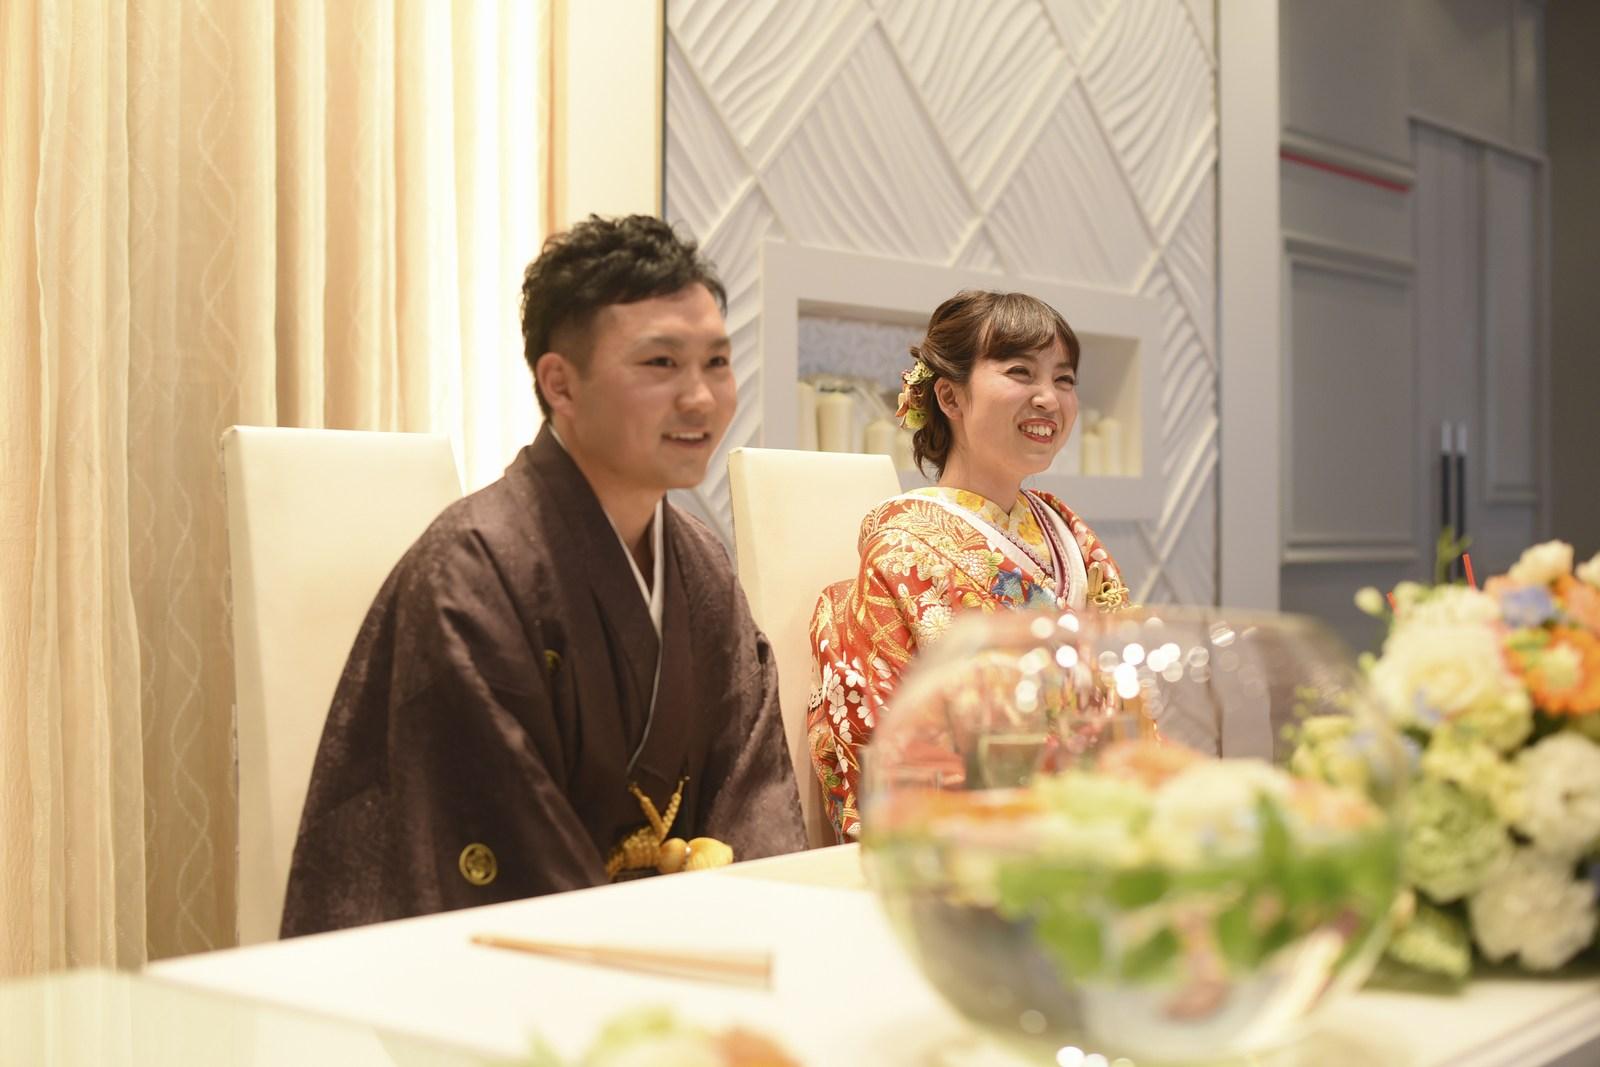 徳島市の結婚式場ブランアンジュでメインテーブルで和やかにほほえむ新郎新婦様